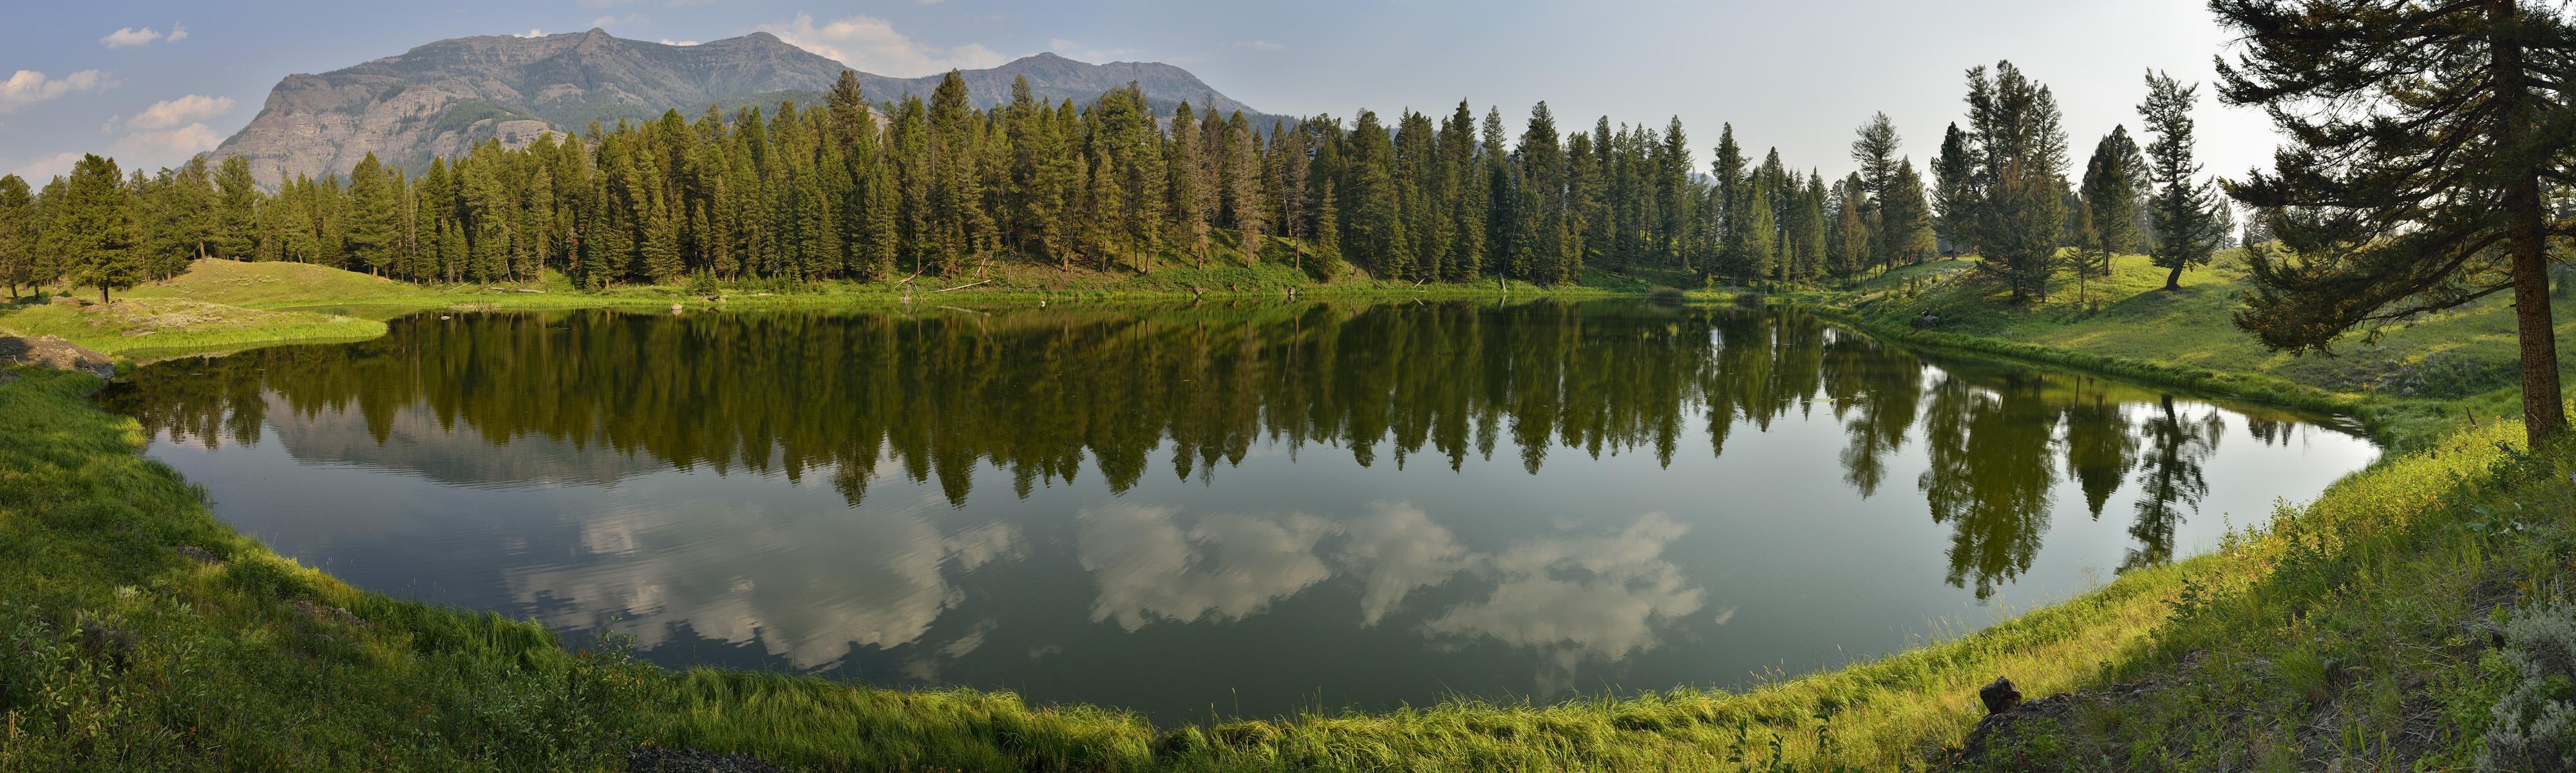 Buck Lake, Yellowstone NP